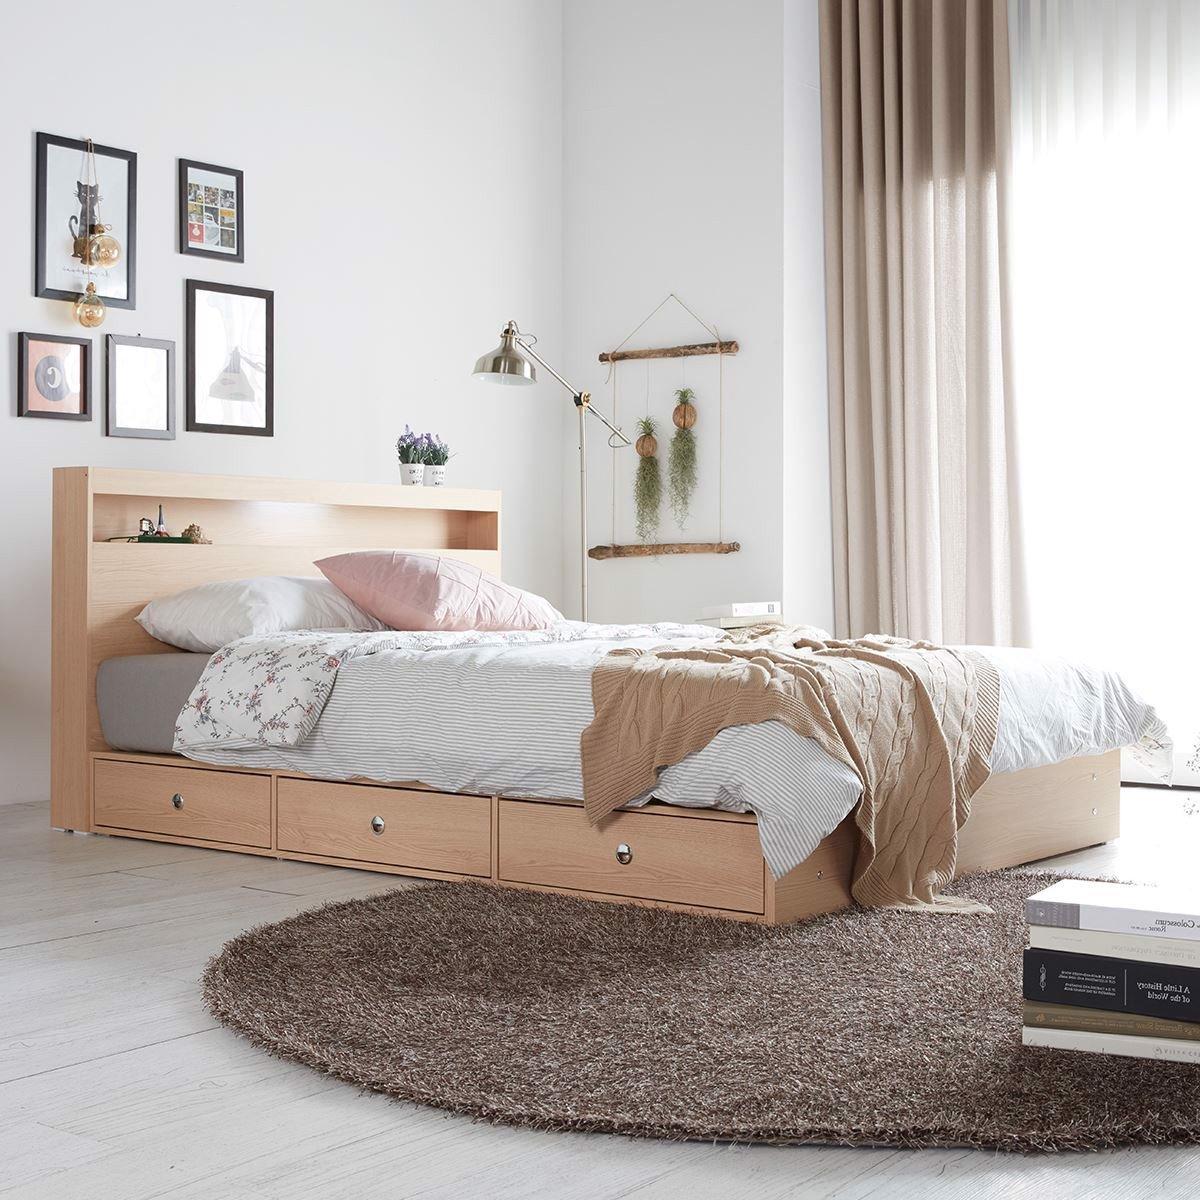 Sử dụng nội thất có thiết kế thông minh